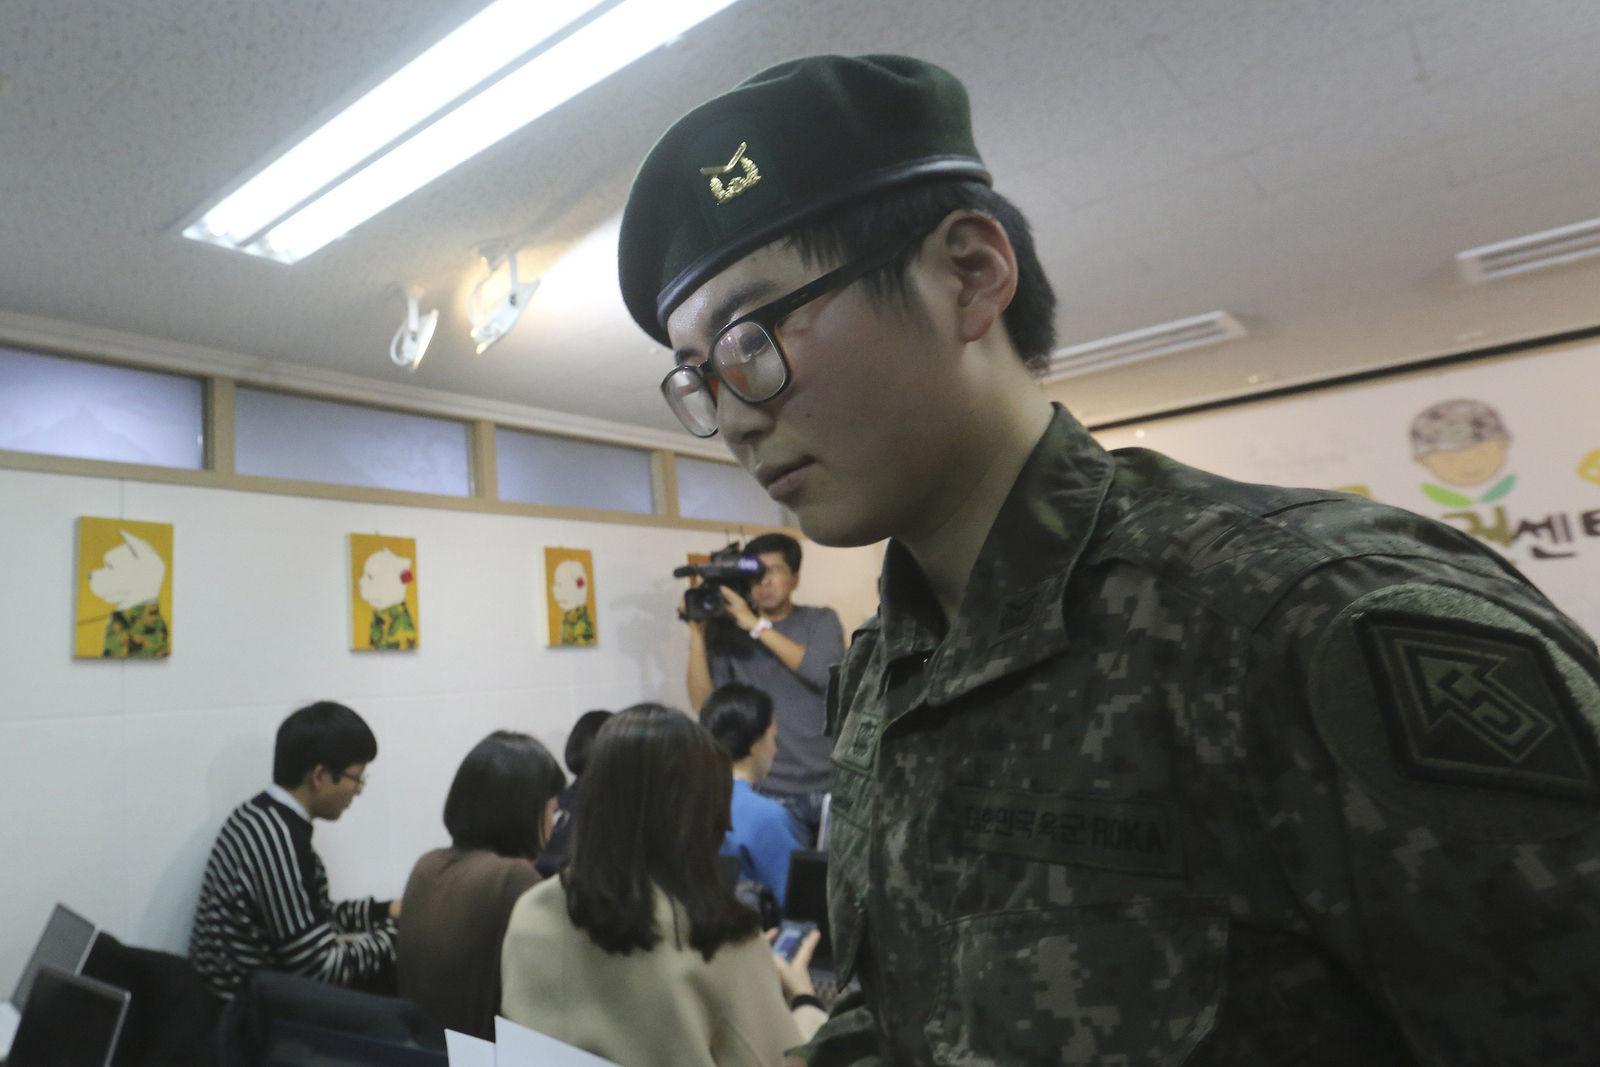 Өмнөд Солонгосын арми хүйсээ солиулсан цэргийг хугацаанаас нь өмнө халжээ